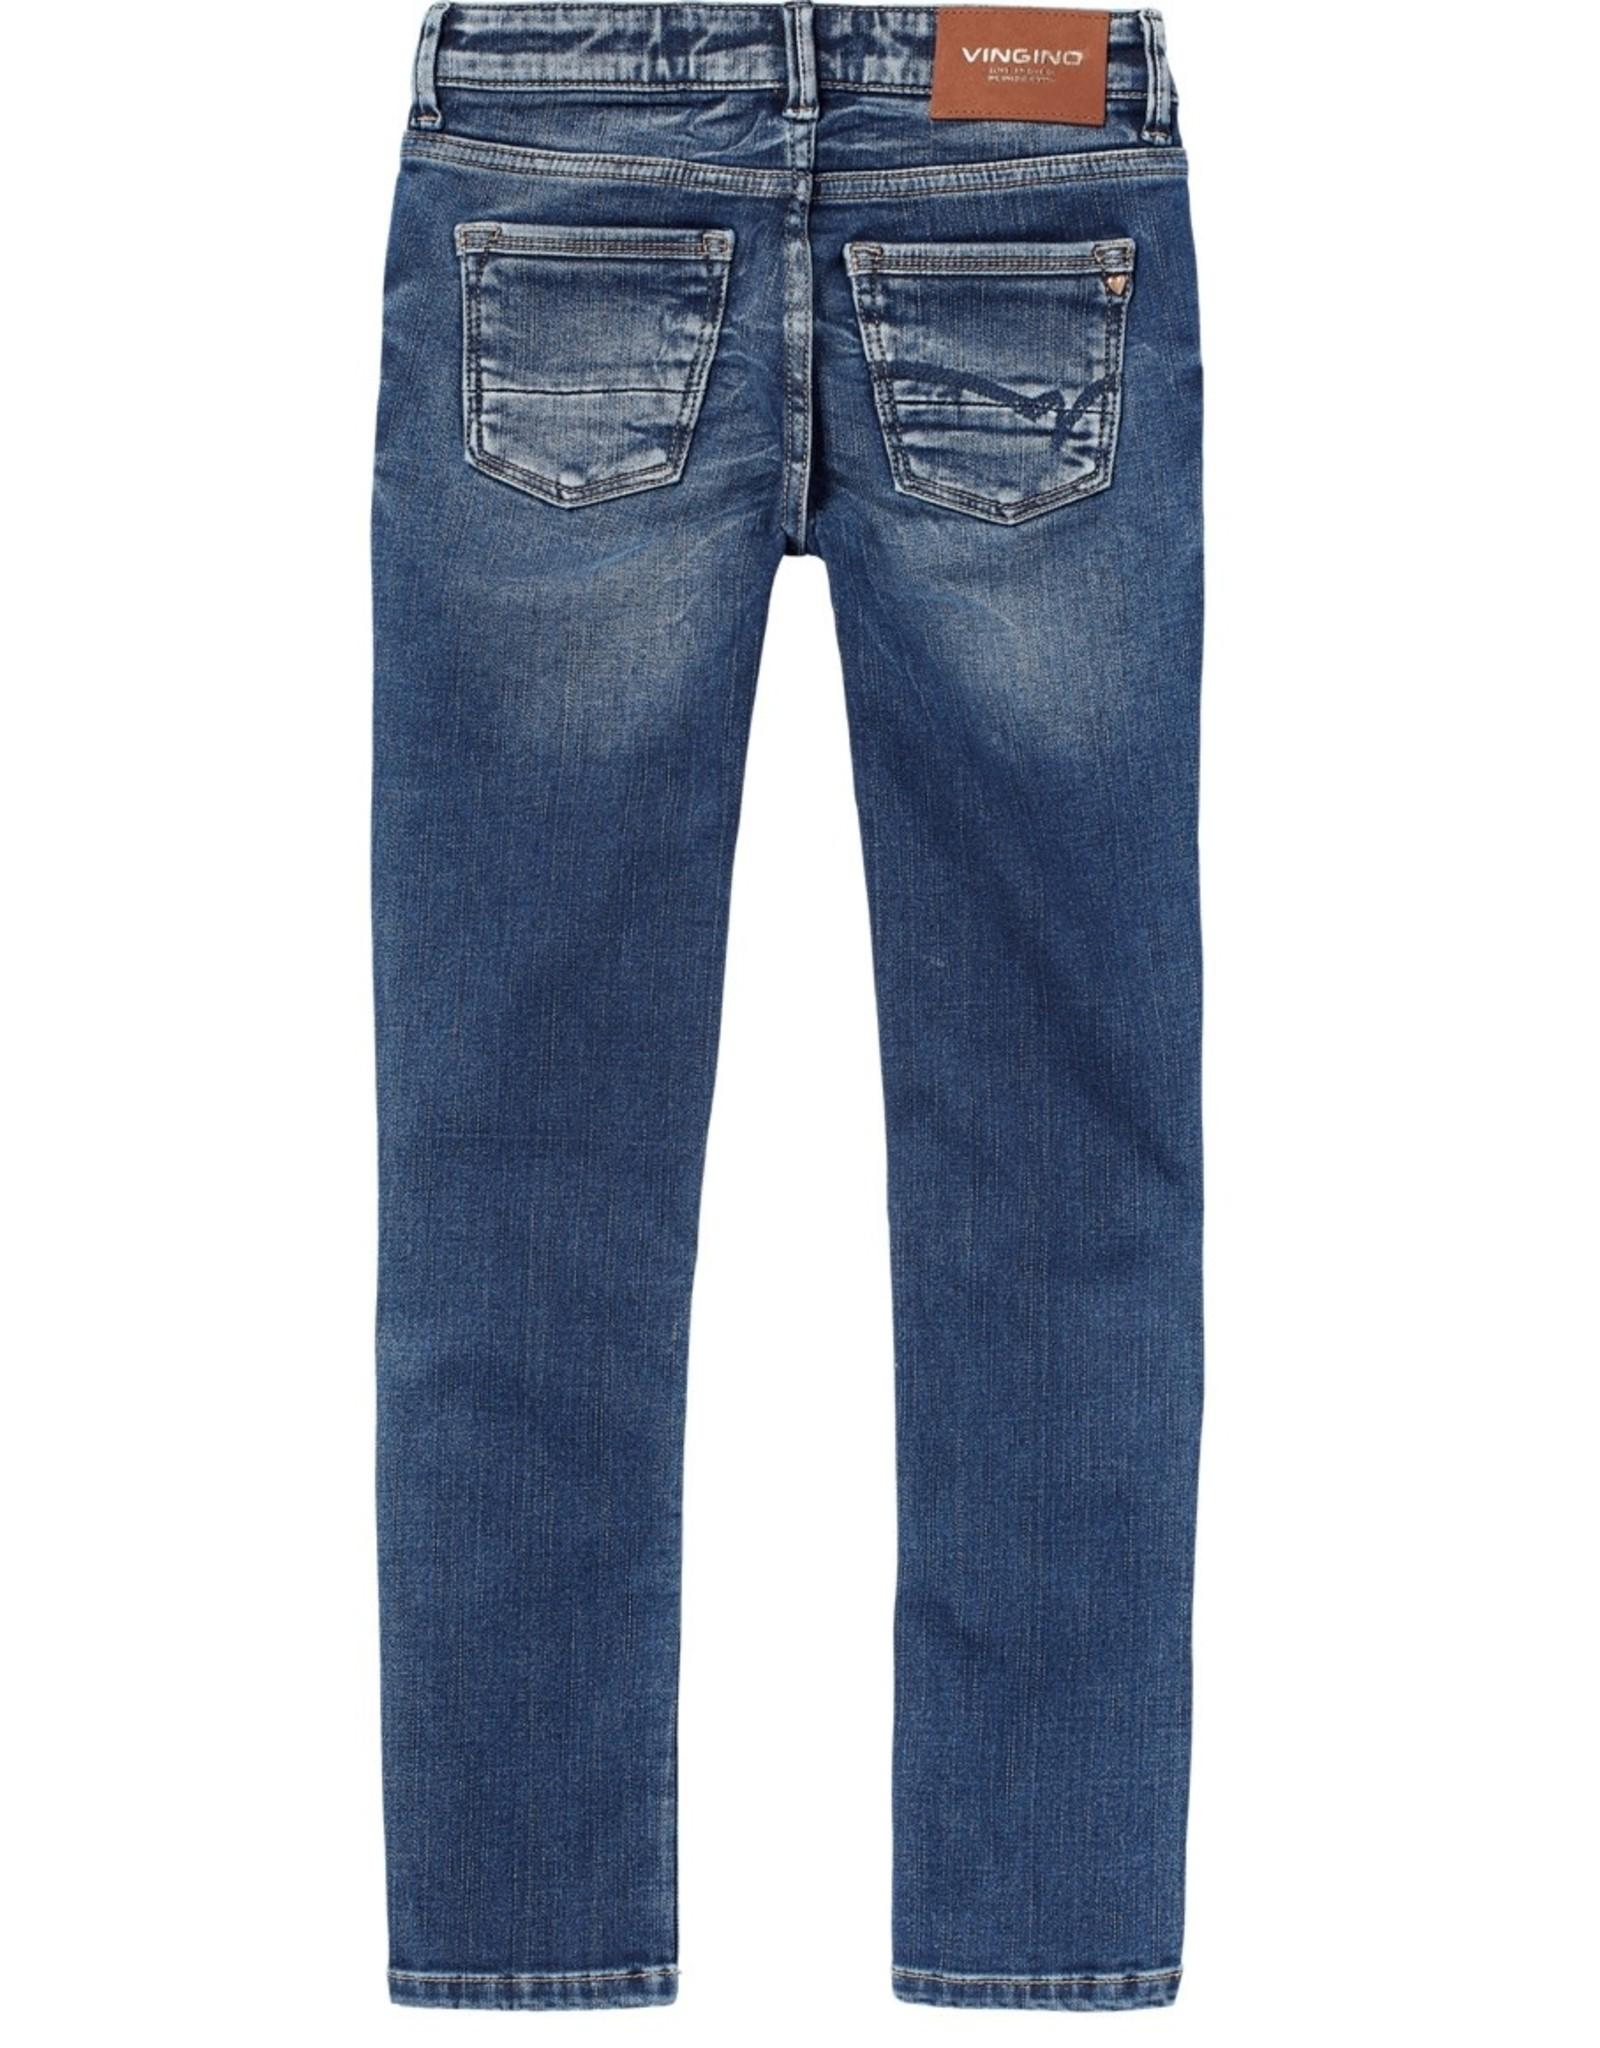 Vingino Amiche Jeans